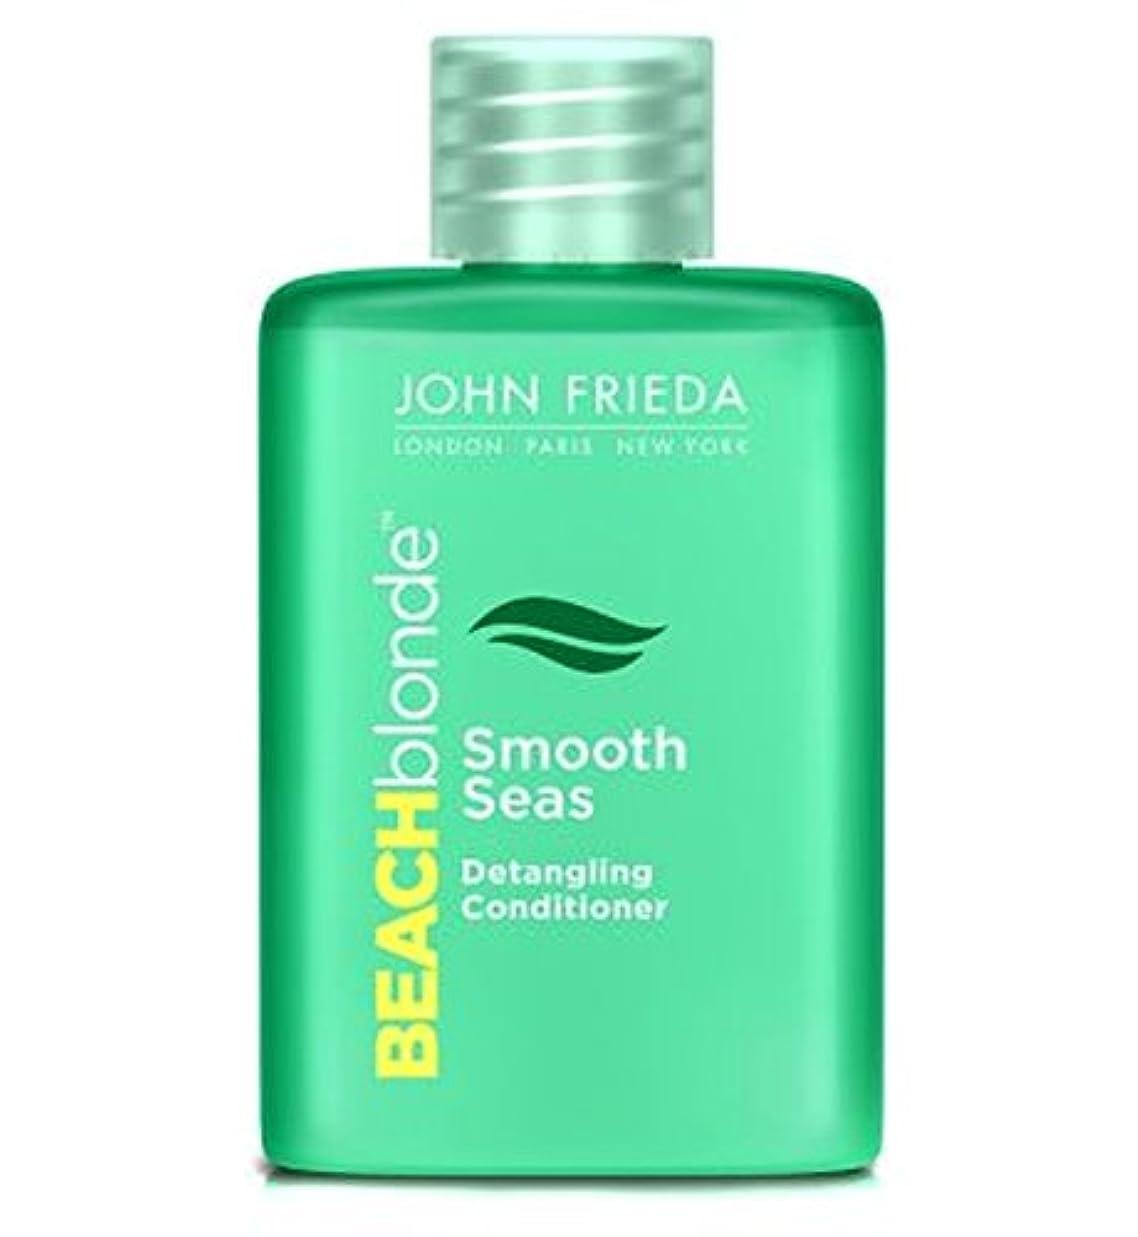 センチメンタル経済動機付けるコンディショナー50ミリリットルをもつれ解除ジョンFrieda?ビーチブロンド滑らかな海 (John Frieda) (x2) - John Frieda? Beach Blonde Smooth Seas Detangling...